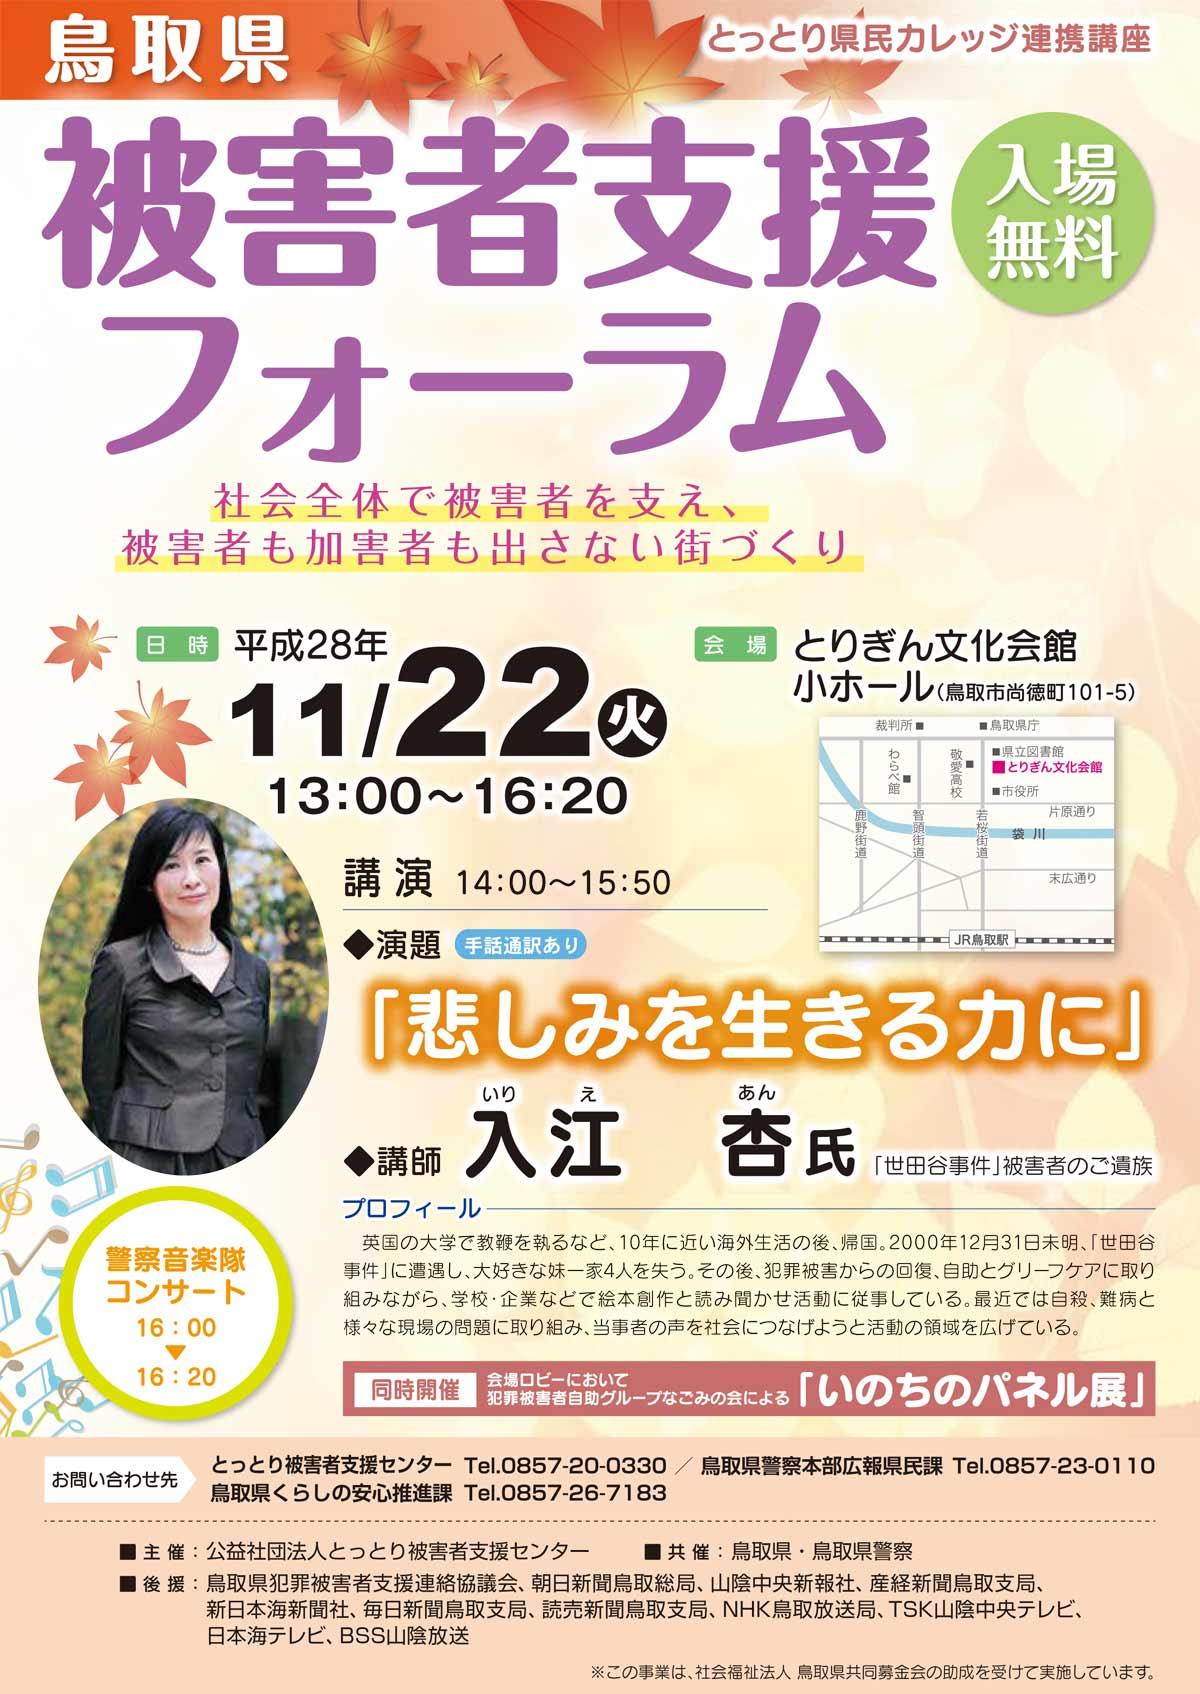 2016年11月22日 とっとり県民カレッジ連携講座 被害者支援フォーラム 講師:入江杏